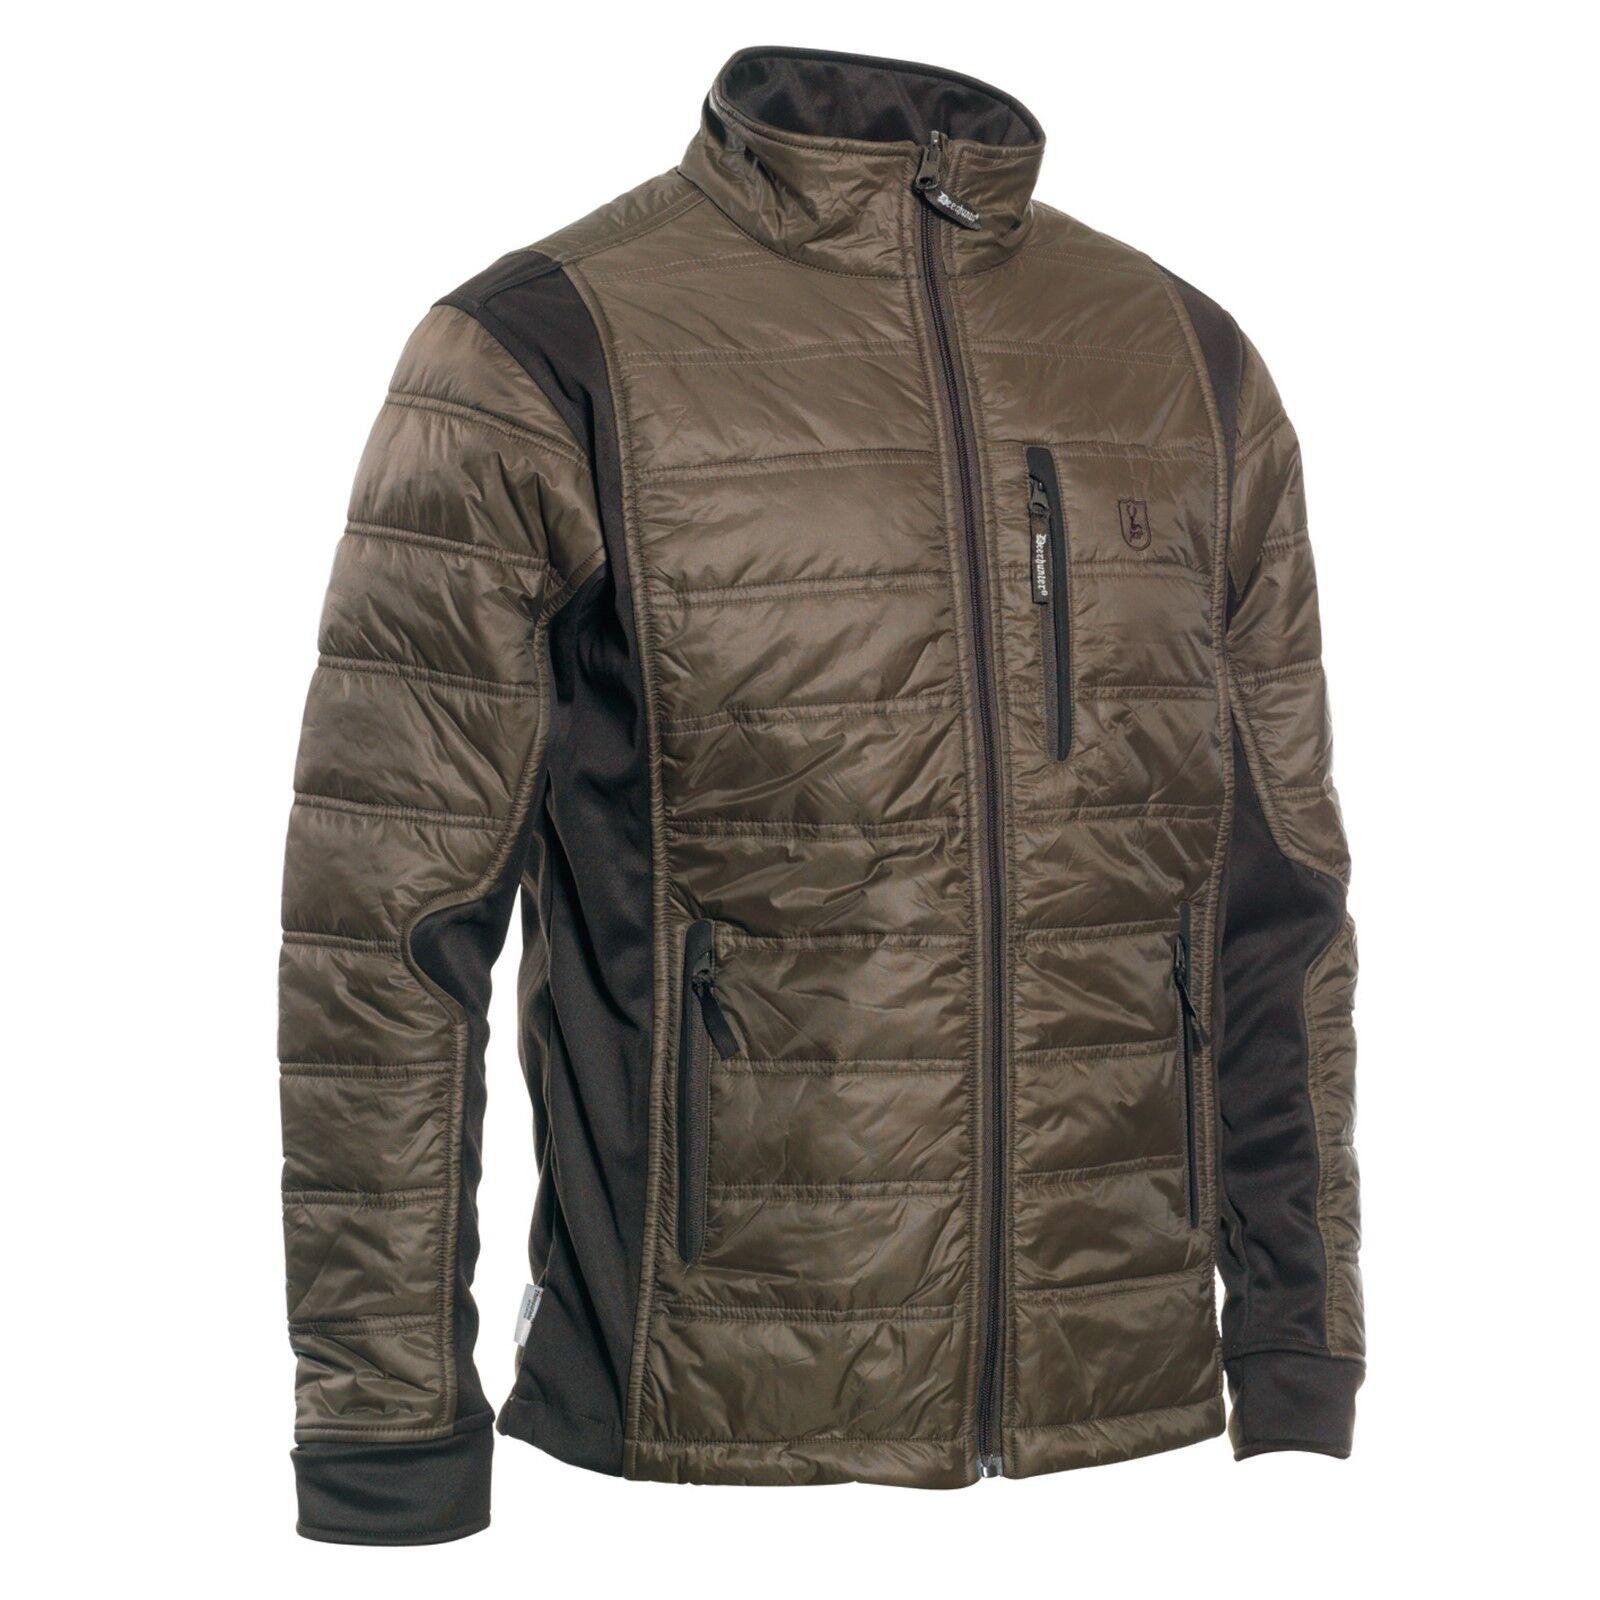 Top Angebot   Deerhunter Muflon Zip-In Jacke, angenehme leichtgewichtige Jacke.